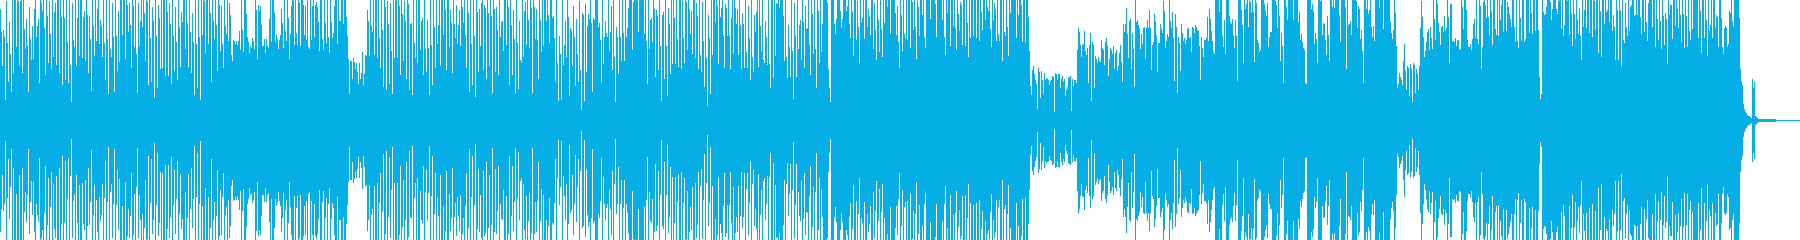 ○oお菓子の国・パステル調ポップo○ Aの再生済みの波形